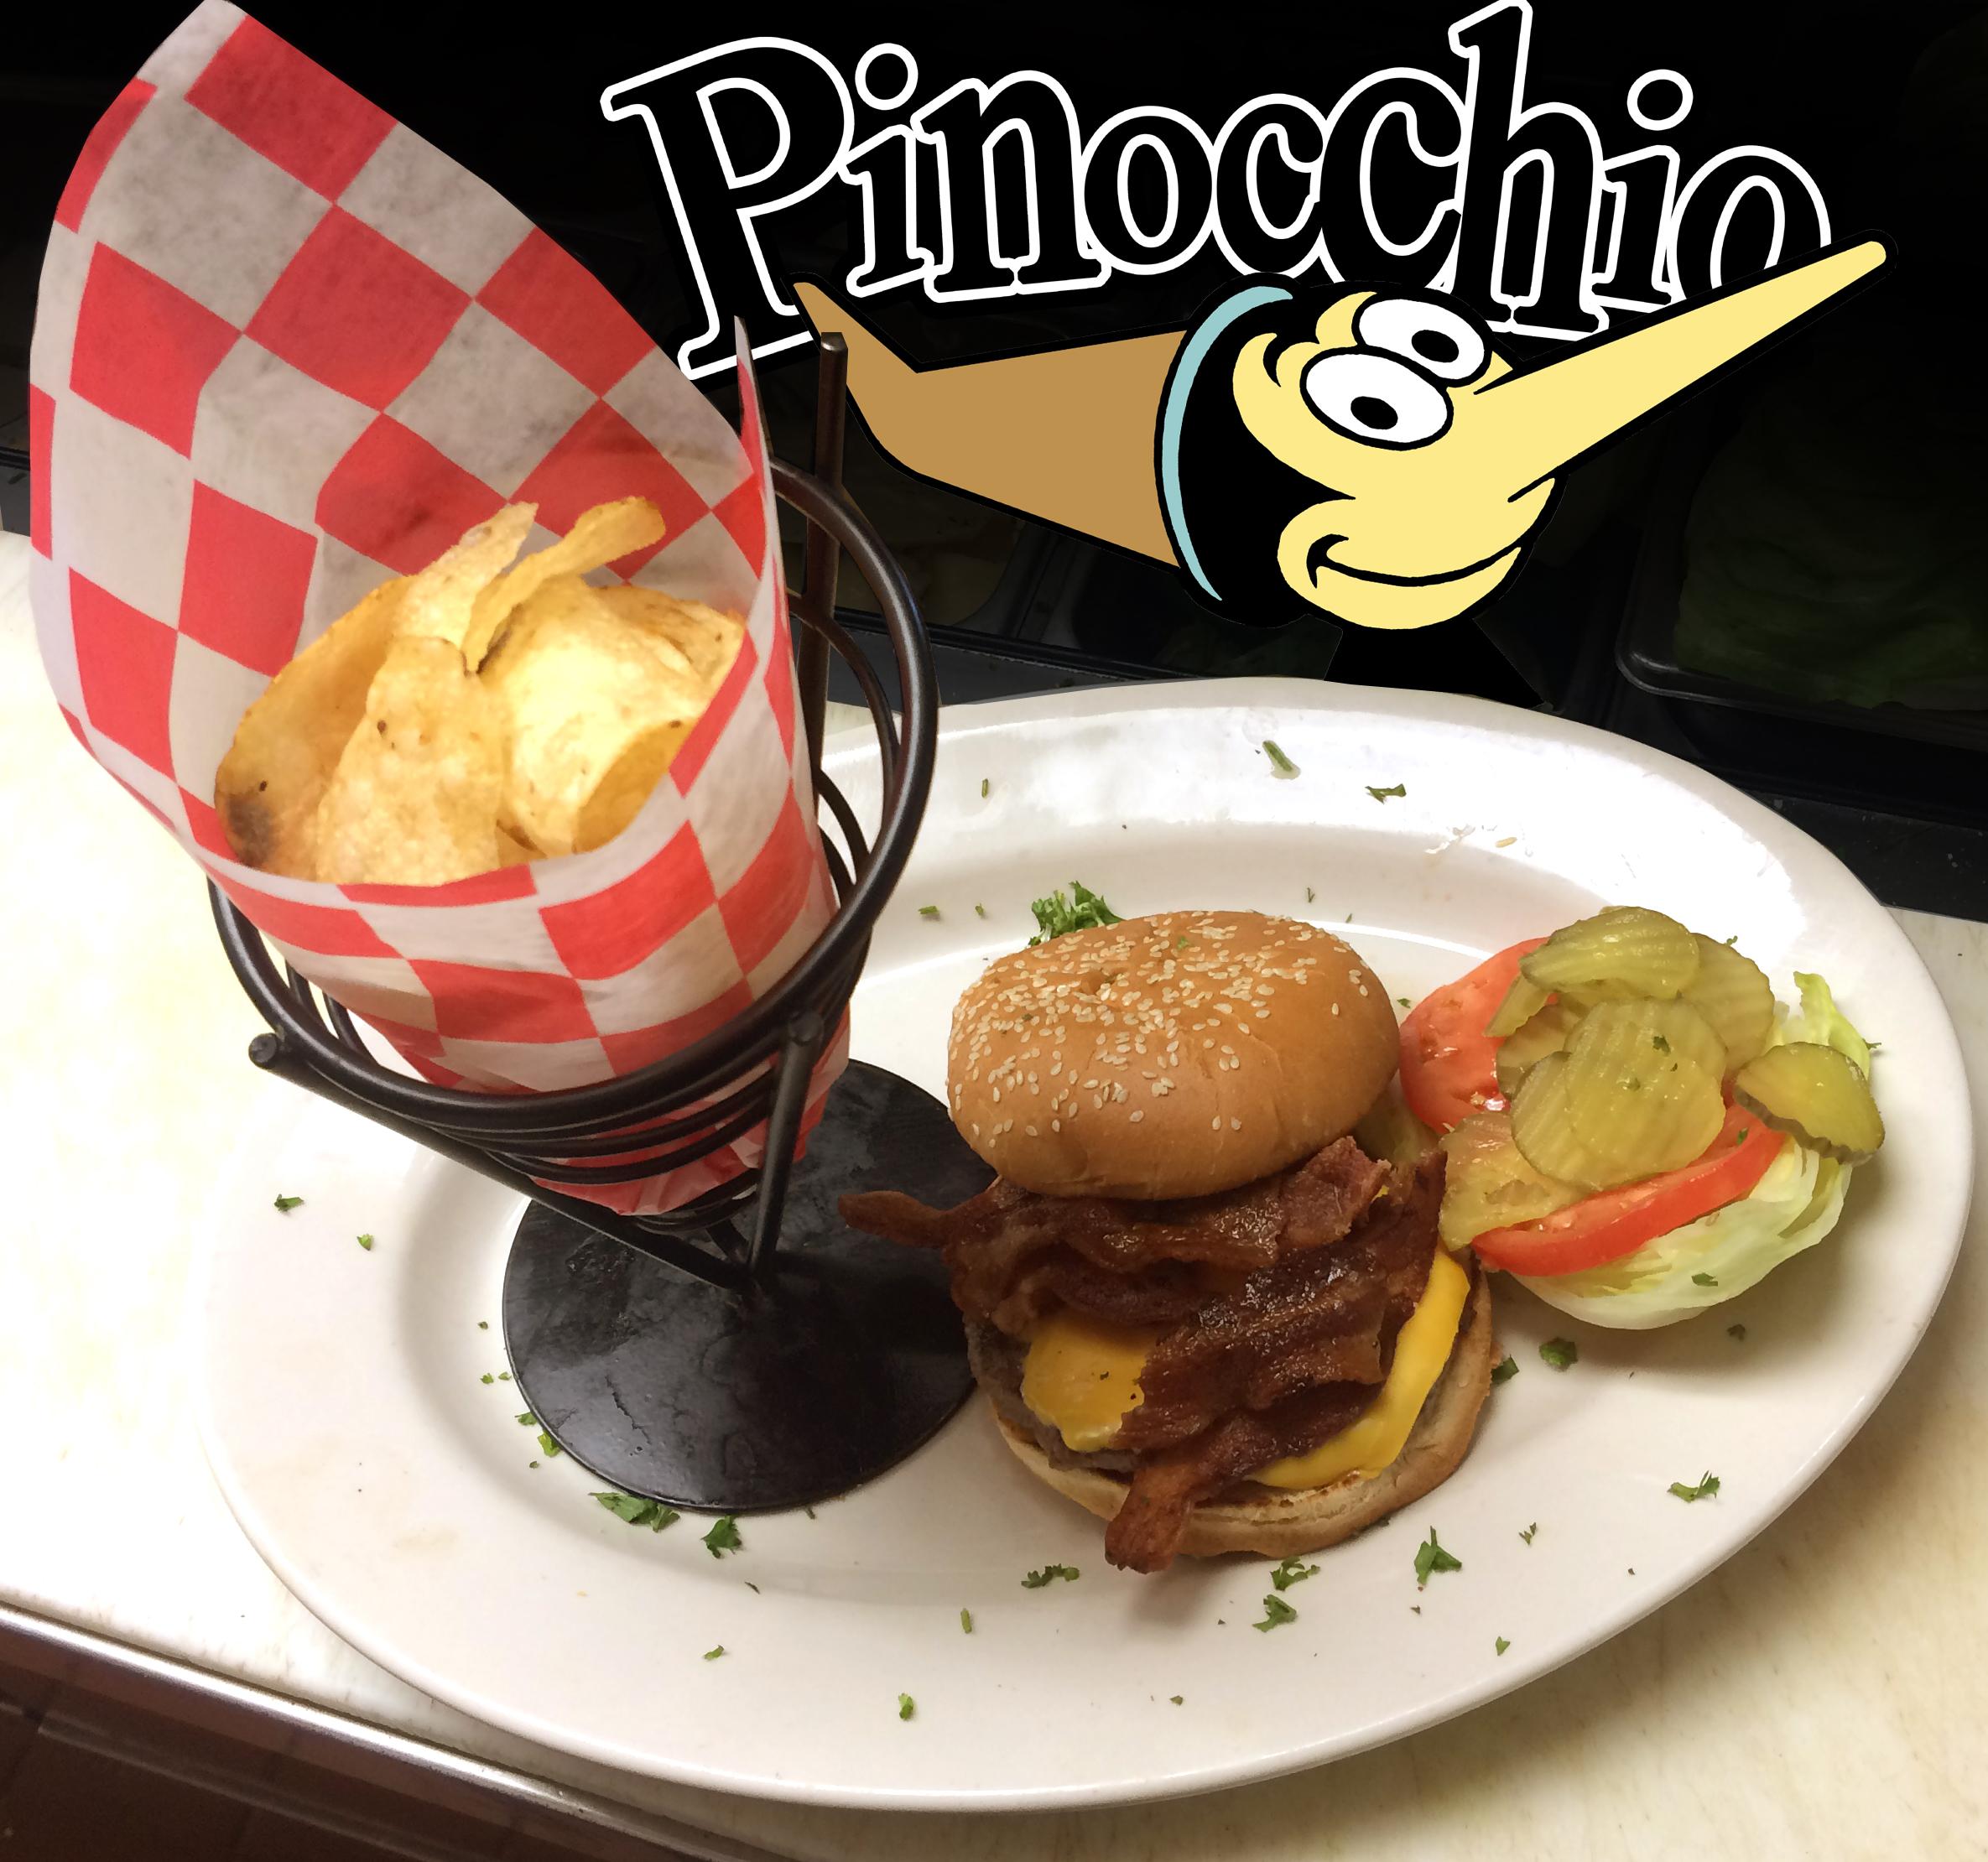 Pinocchio CheeseBurger